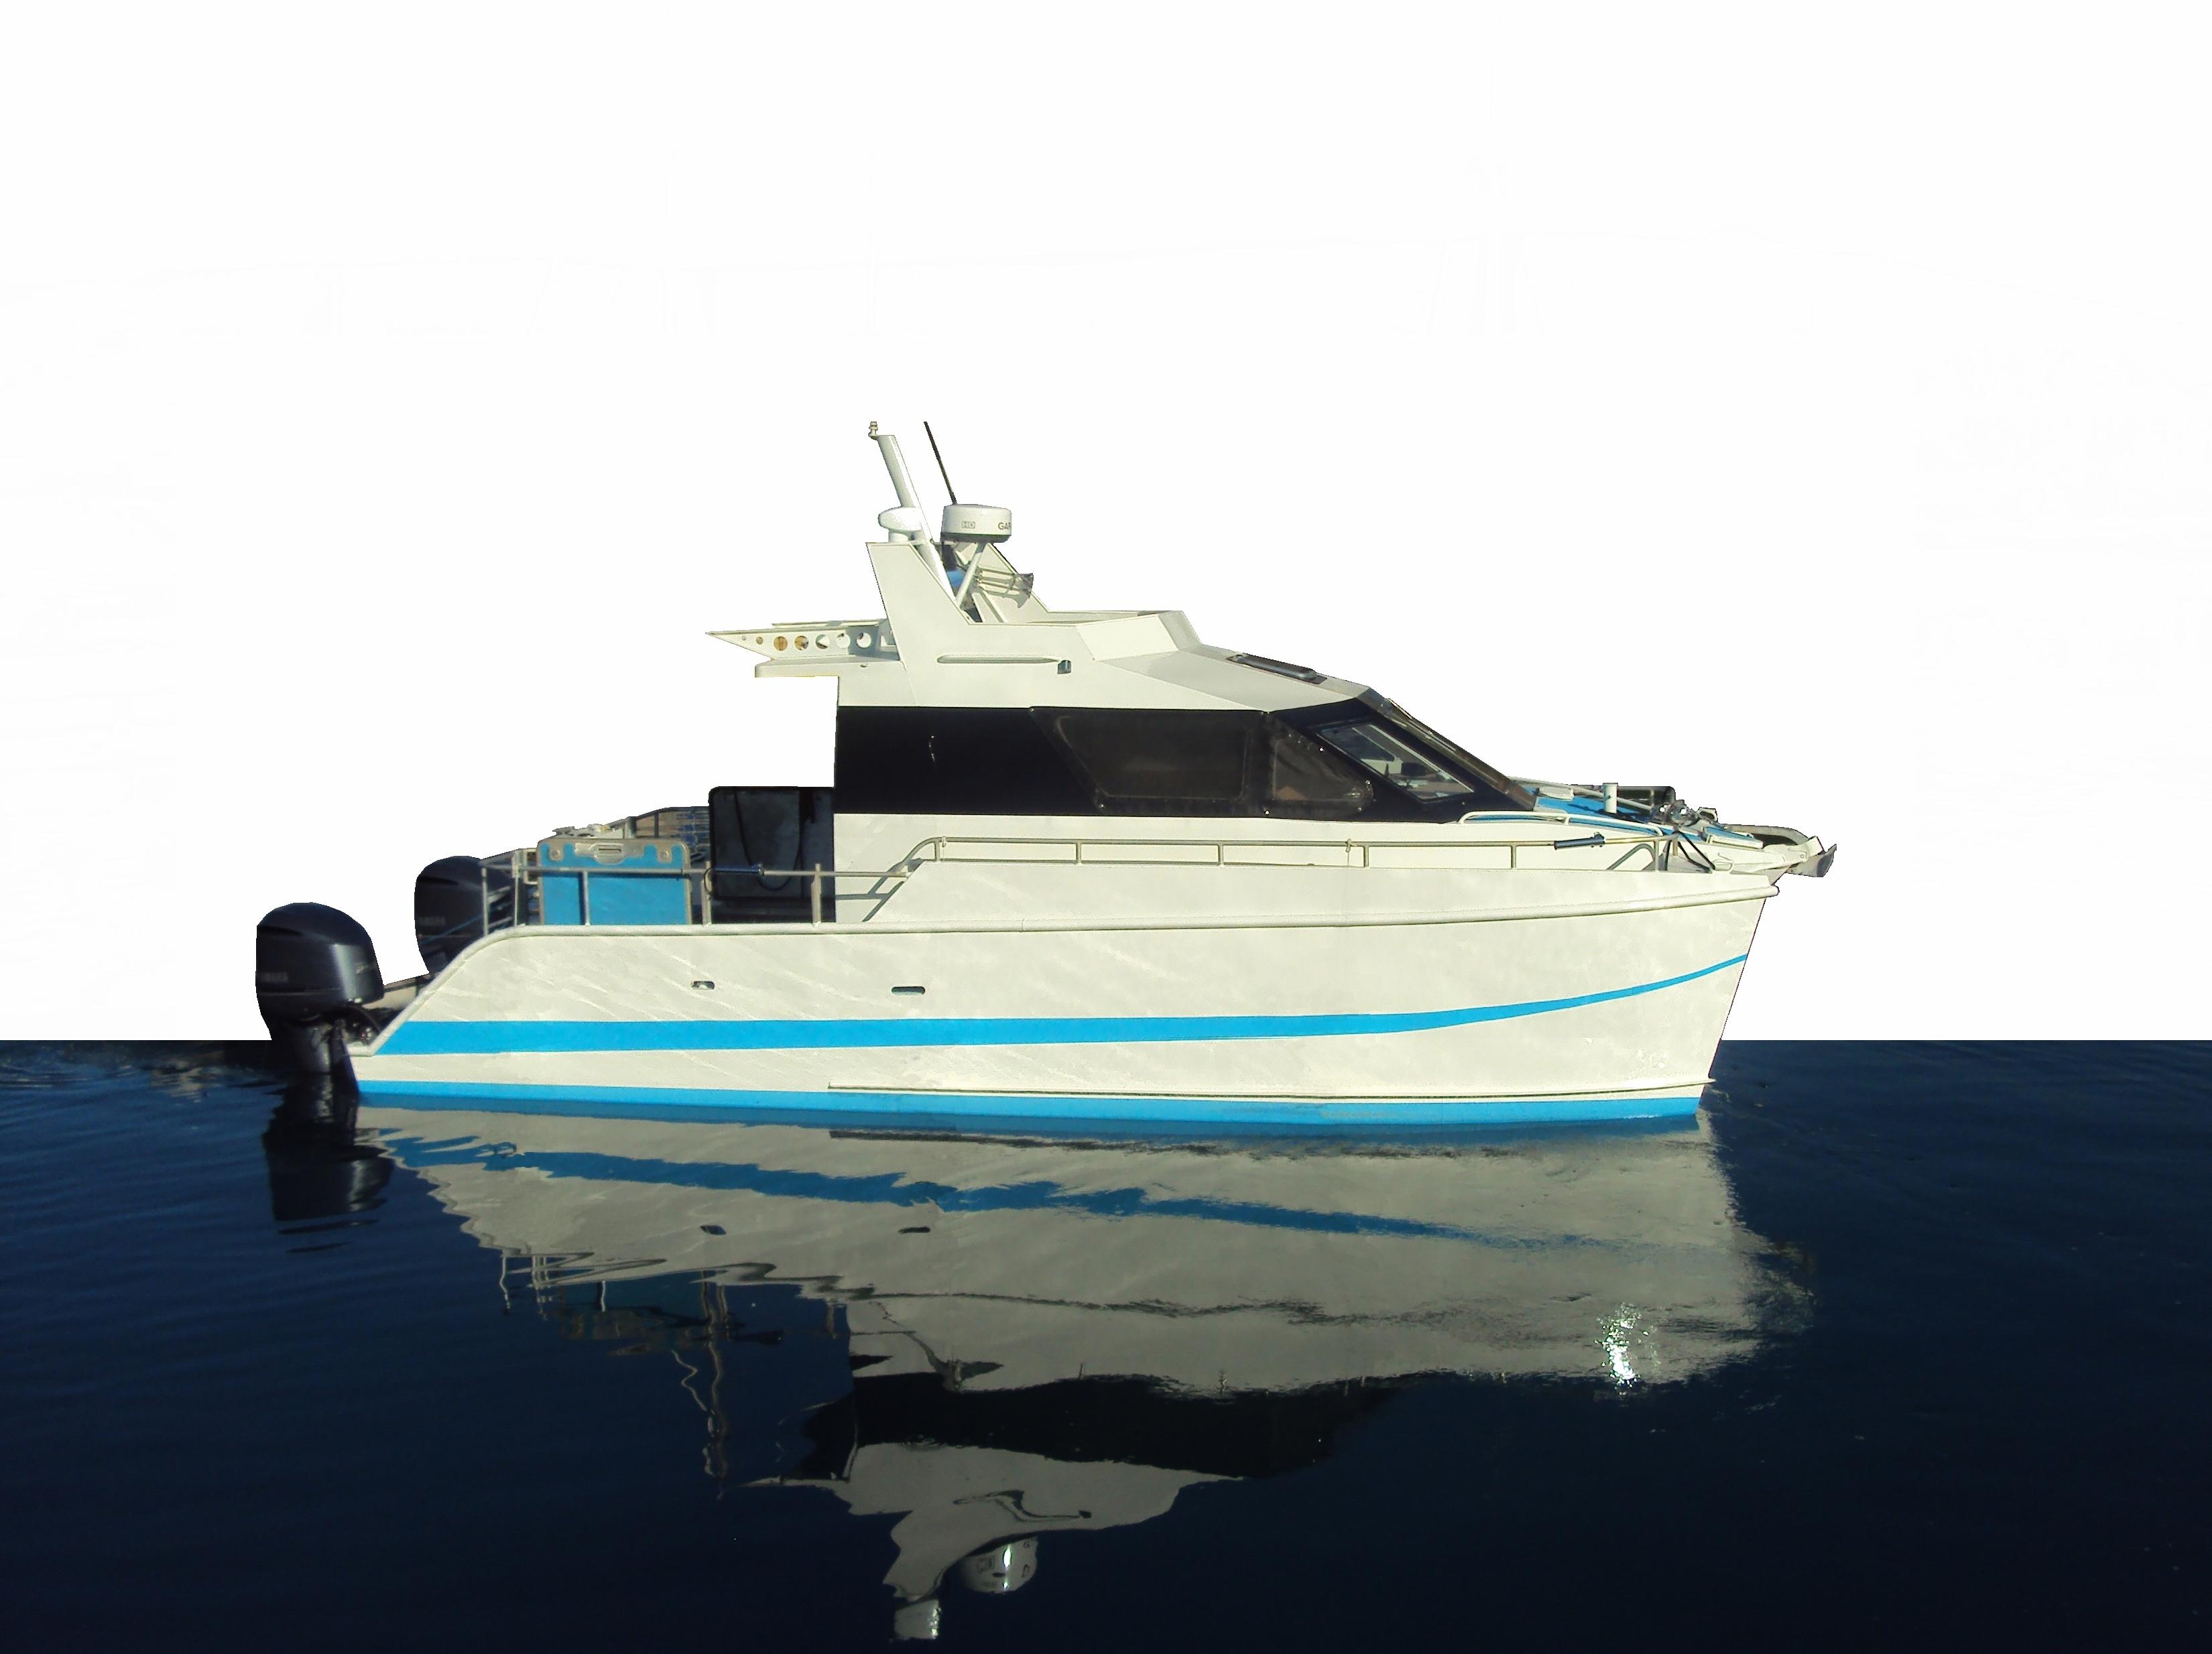 Nouveau! Certification des bateaux de plaisance